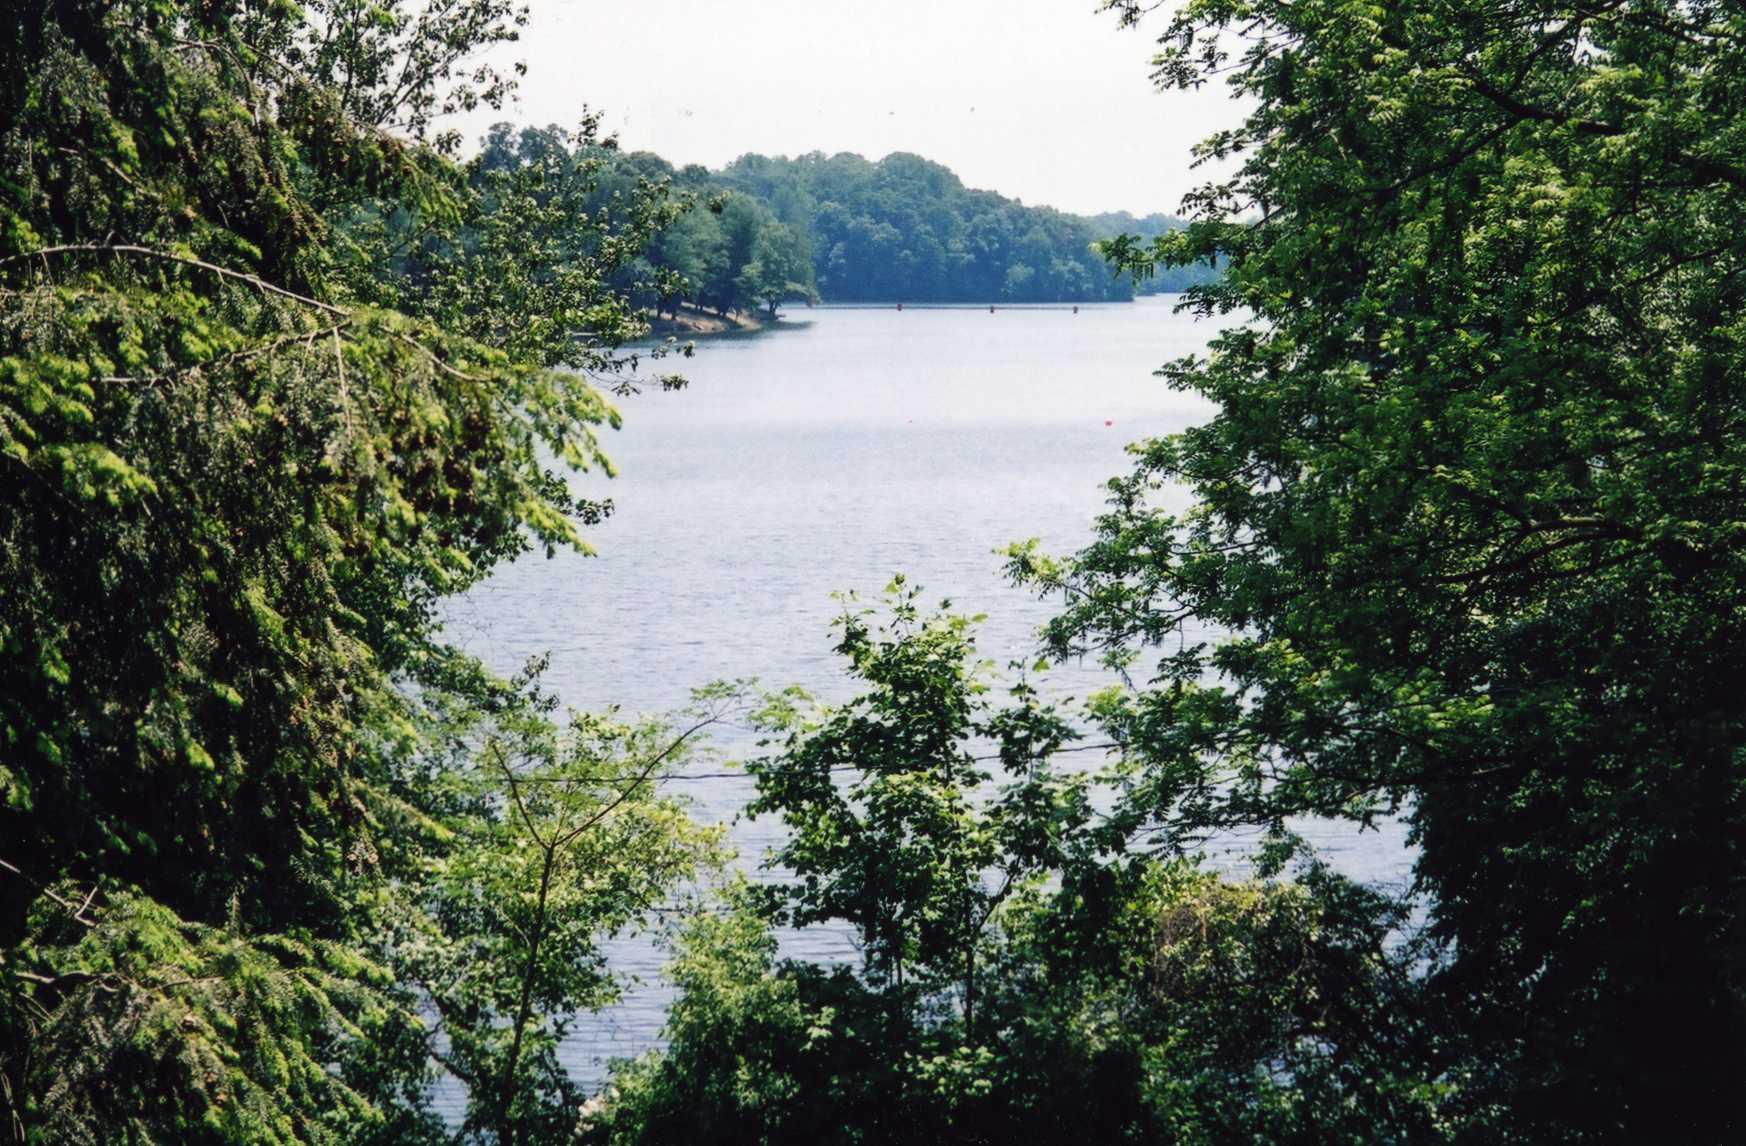 Noxontown Pond